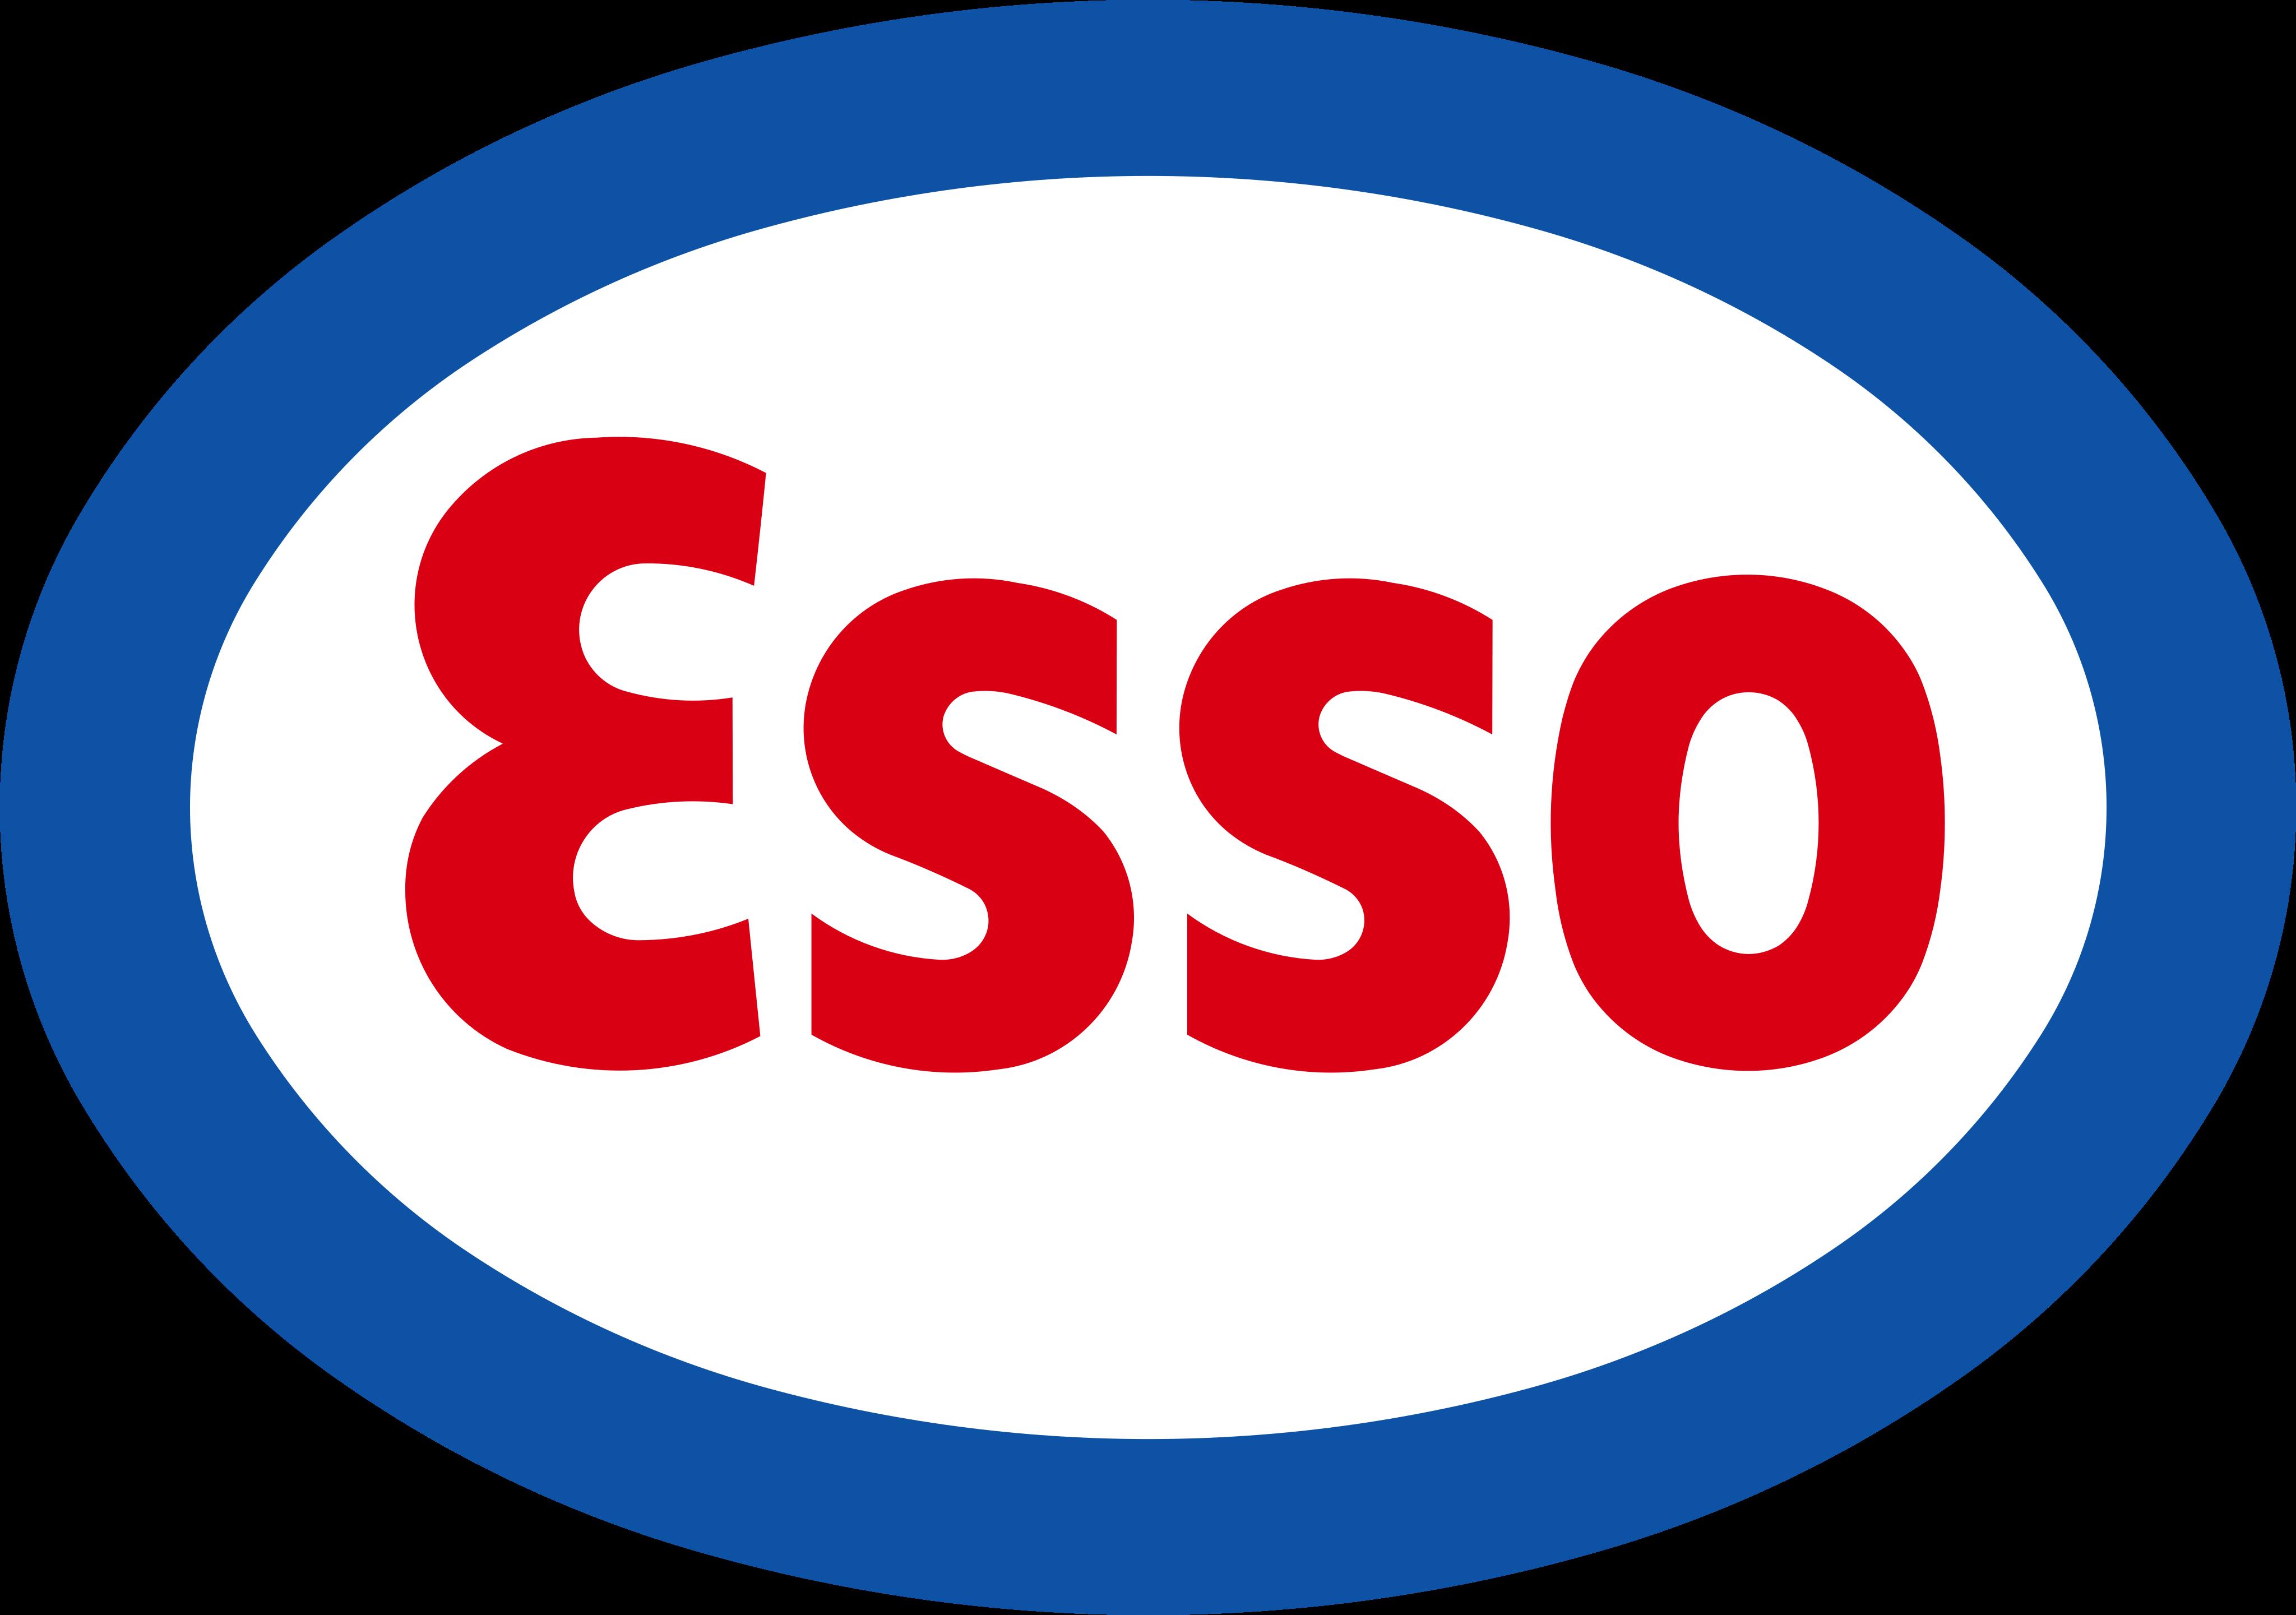 esso logo - Esso Logo